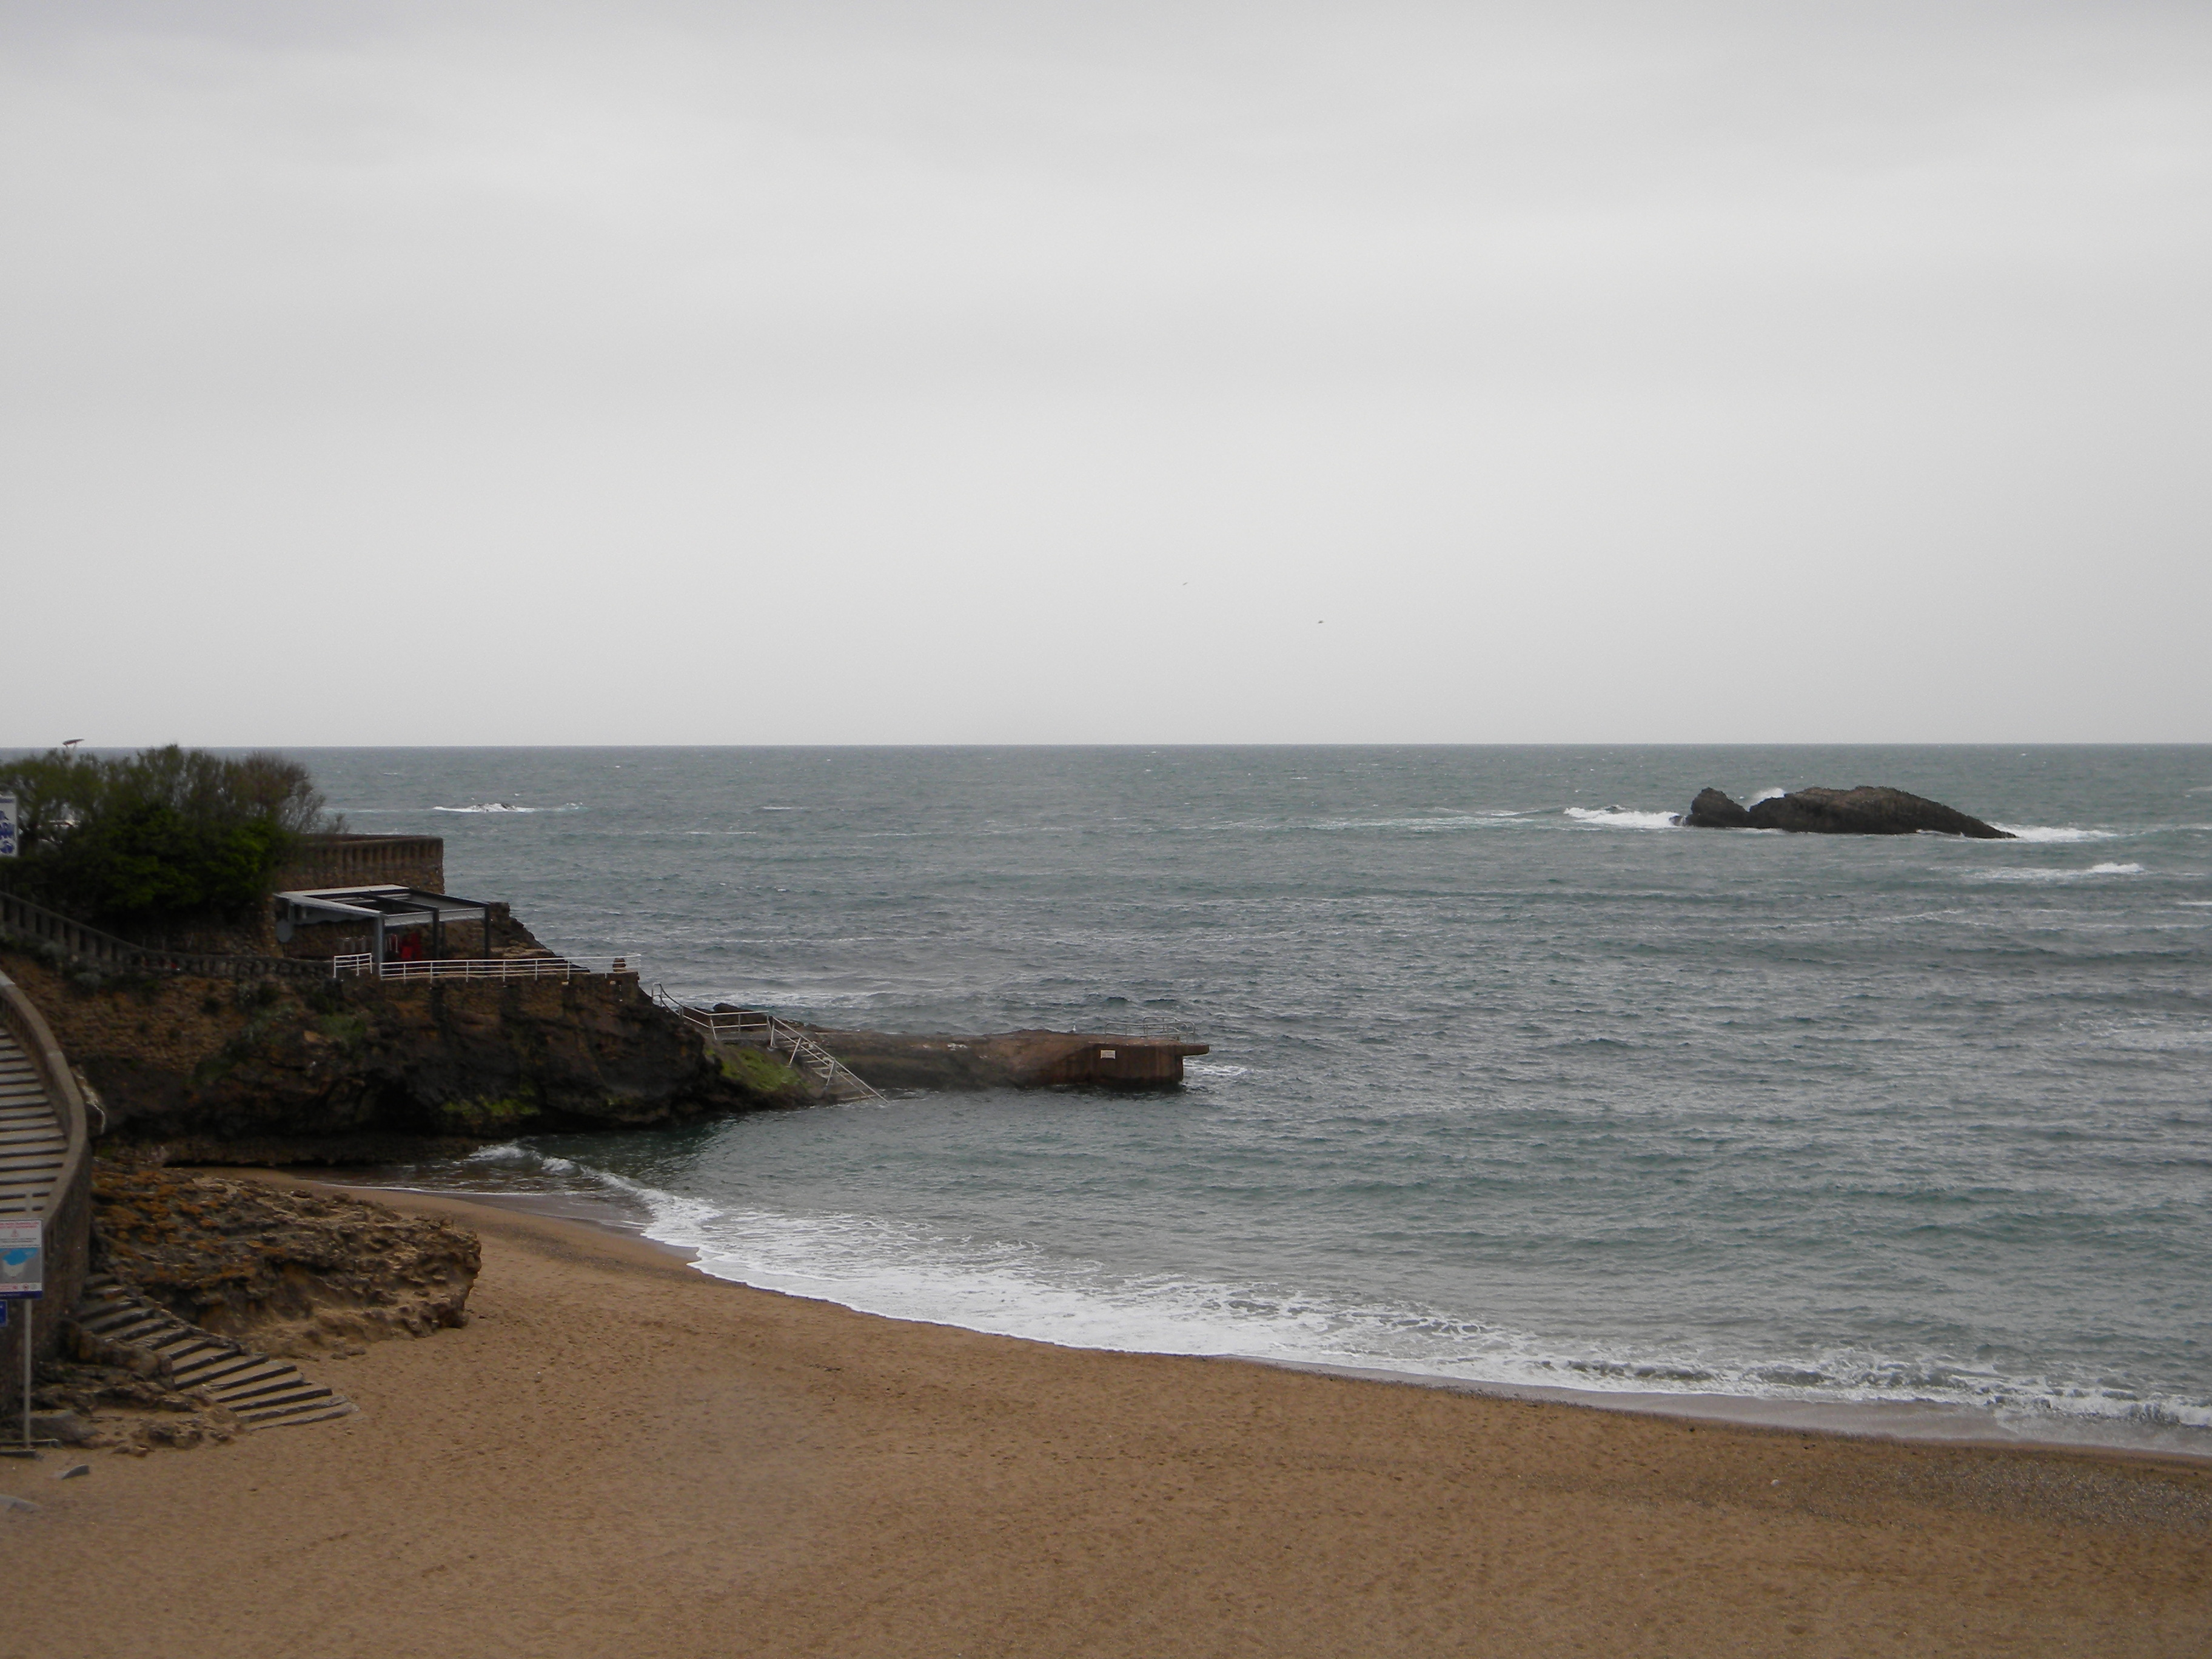 Biarritz le rocher de la vierge et le phare maman est - La plage parisienne port de javel haut ...